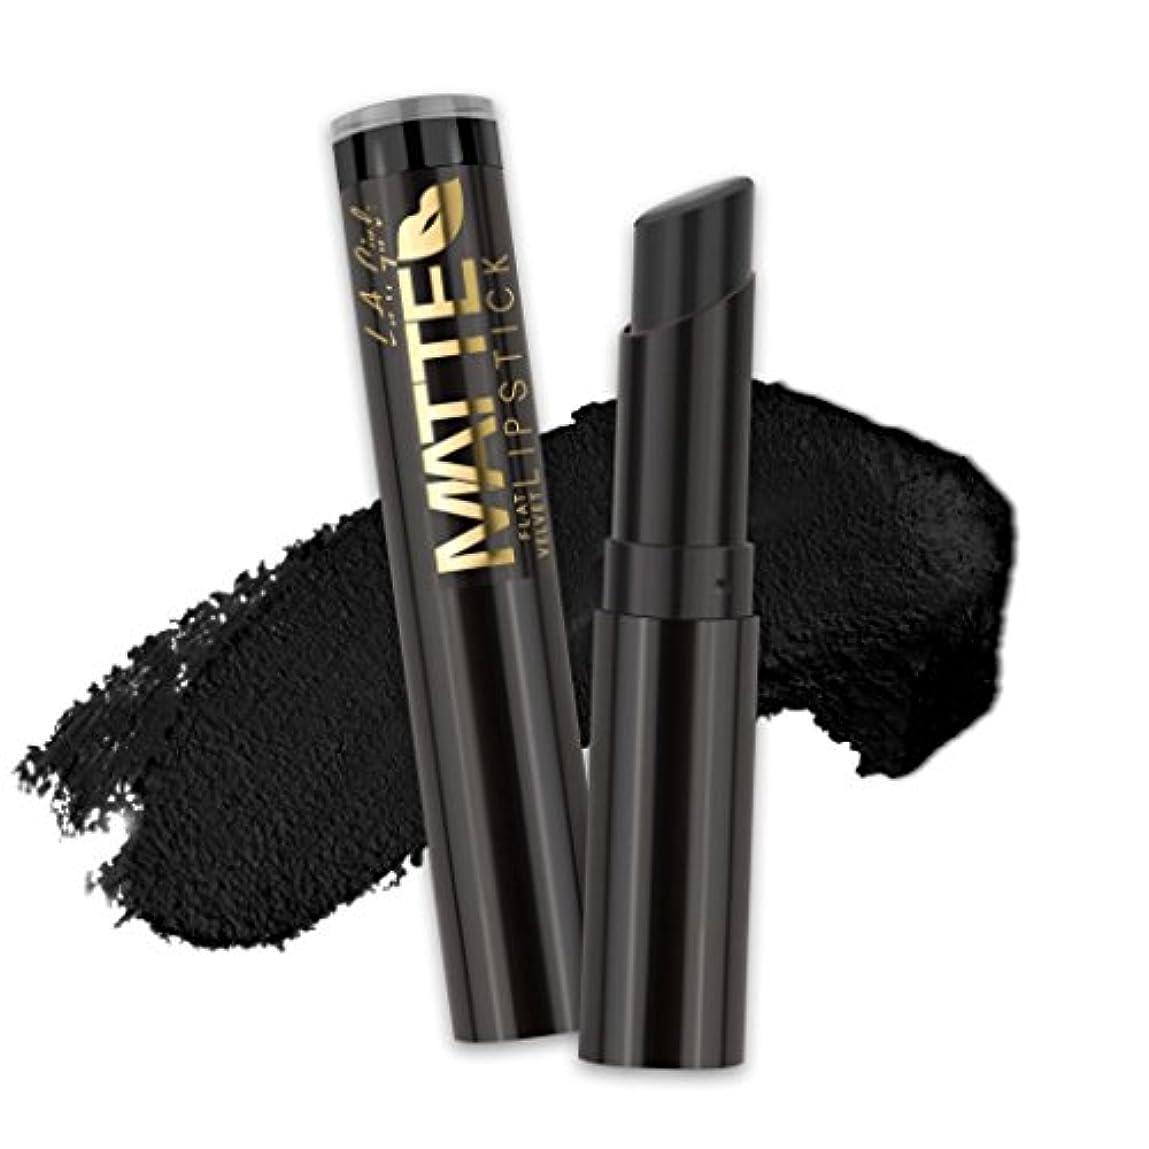 届けるカウントアップスケッチ(3 Pack) L.A. GIRL Matte Flat Velvet Lipstick - Raven (並行輸入品)